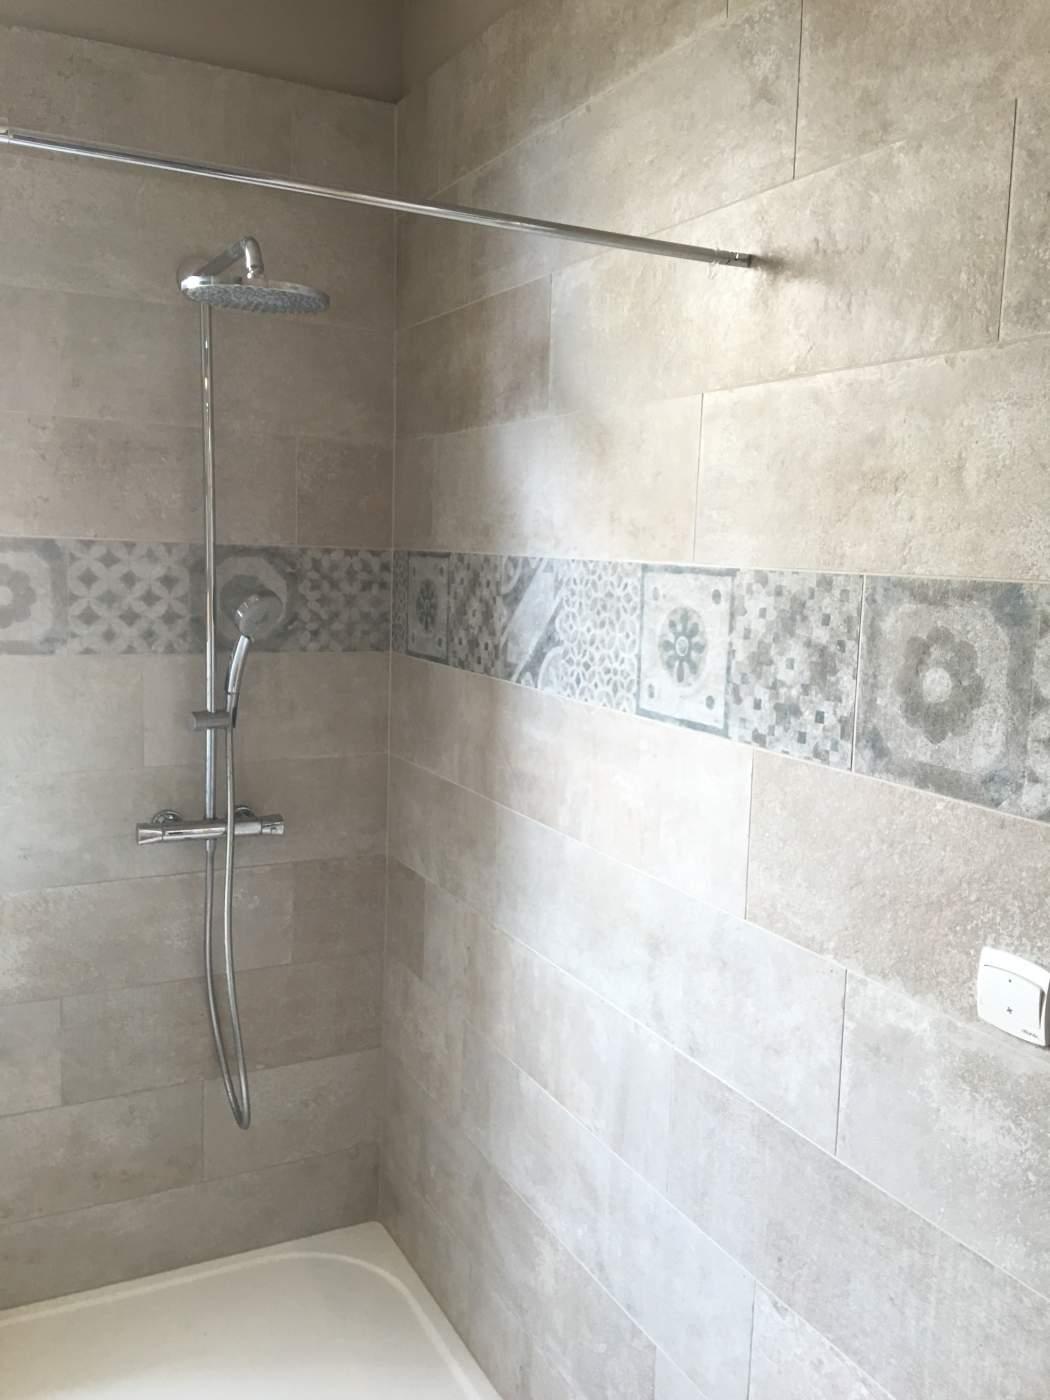 Vente de faence pour salle de bains Eguilles 13510  Carrelage intrieur et extrieur